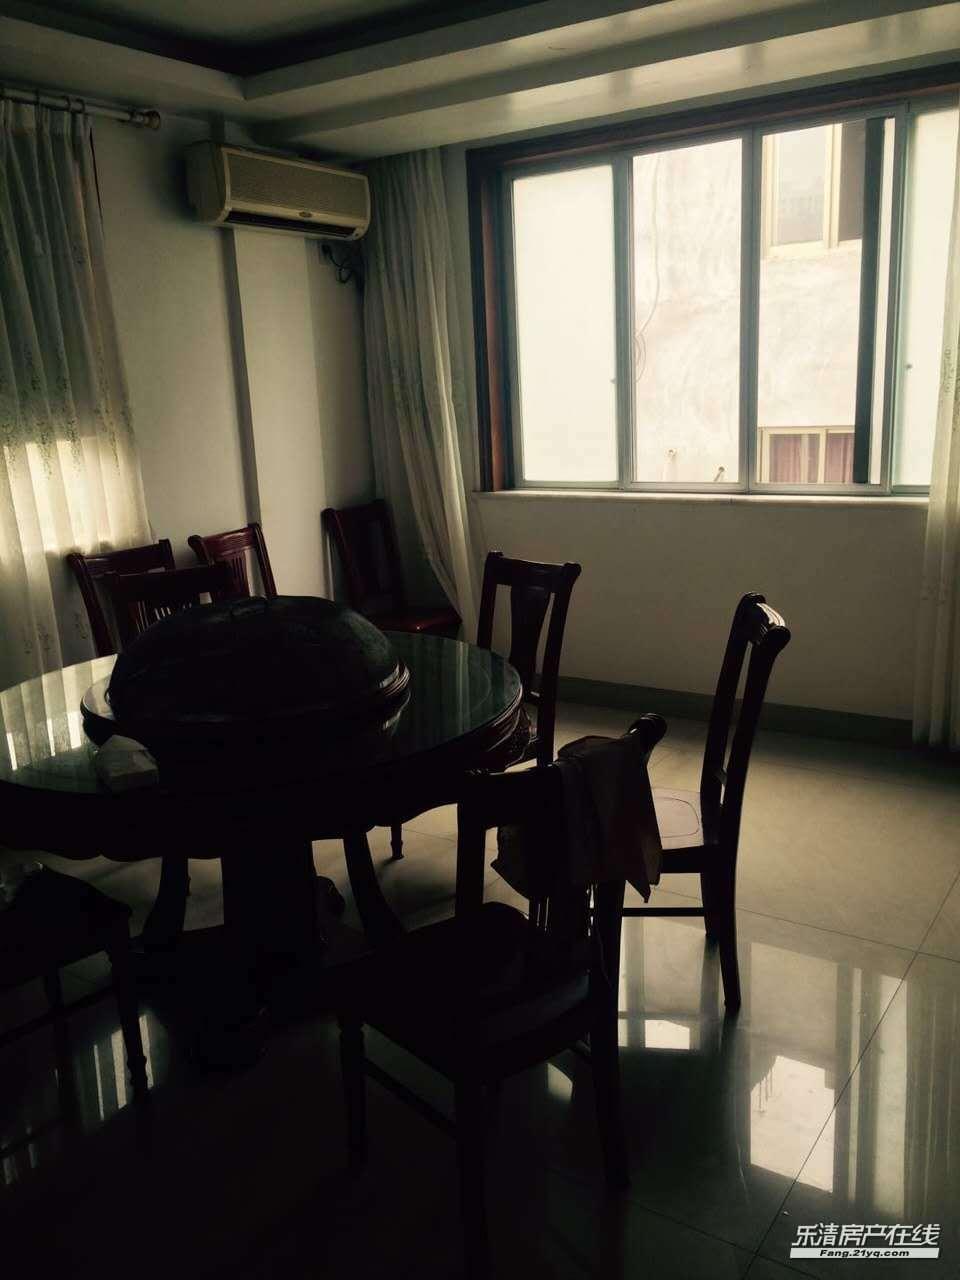 出租白沙2环路旁5楼配套齐,拎包入住,生活方便,3室2卫3.2万